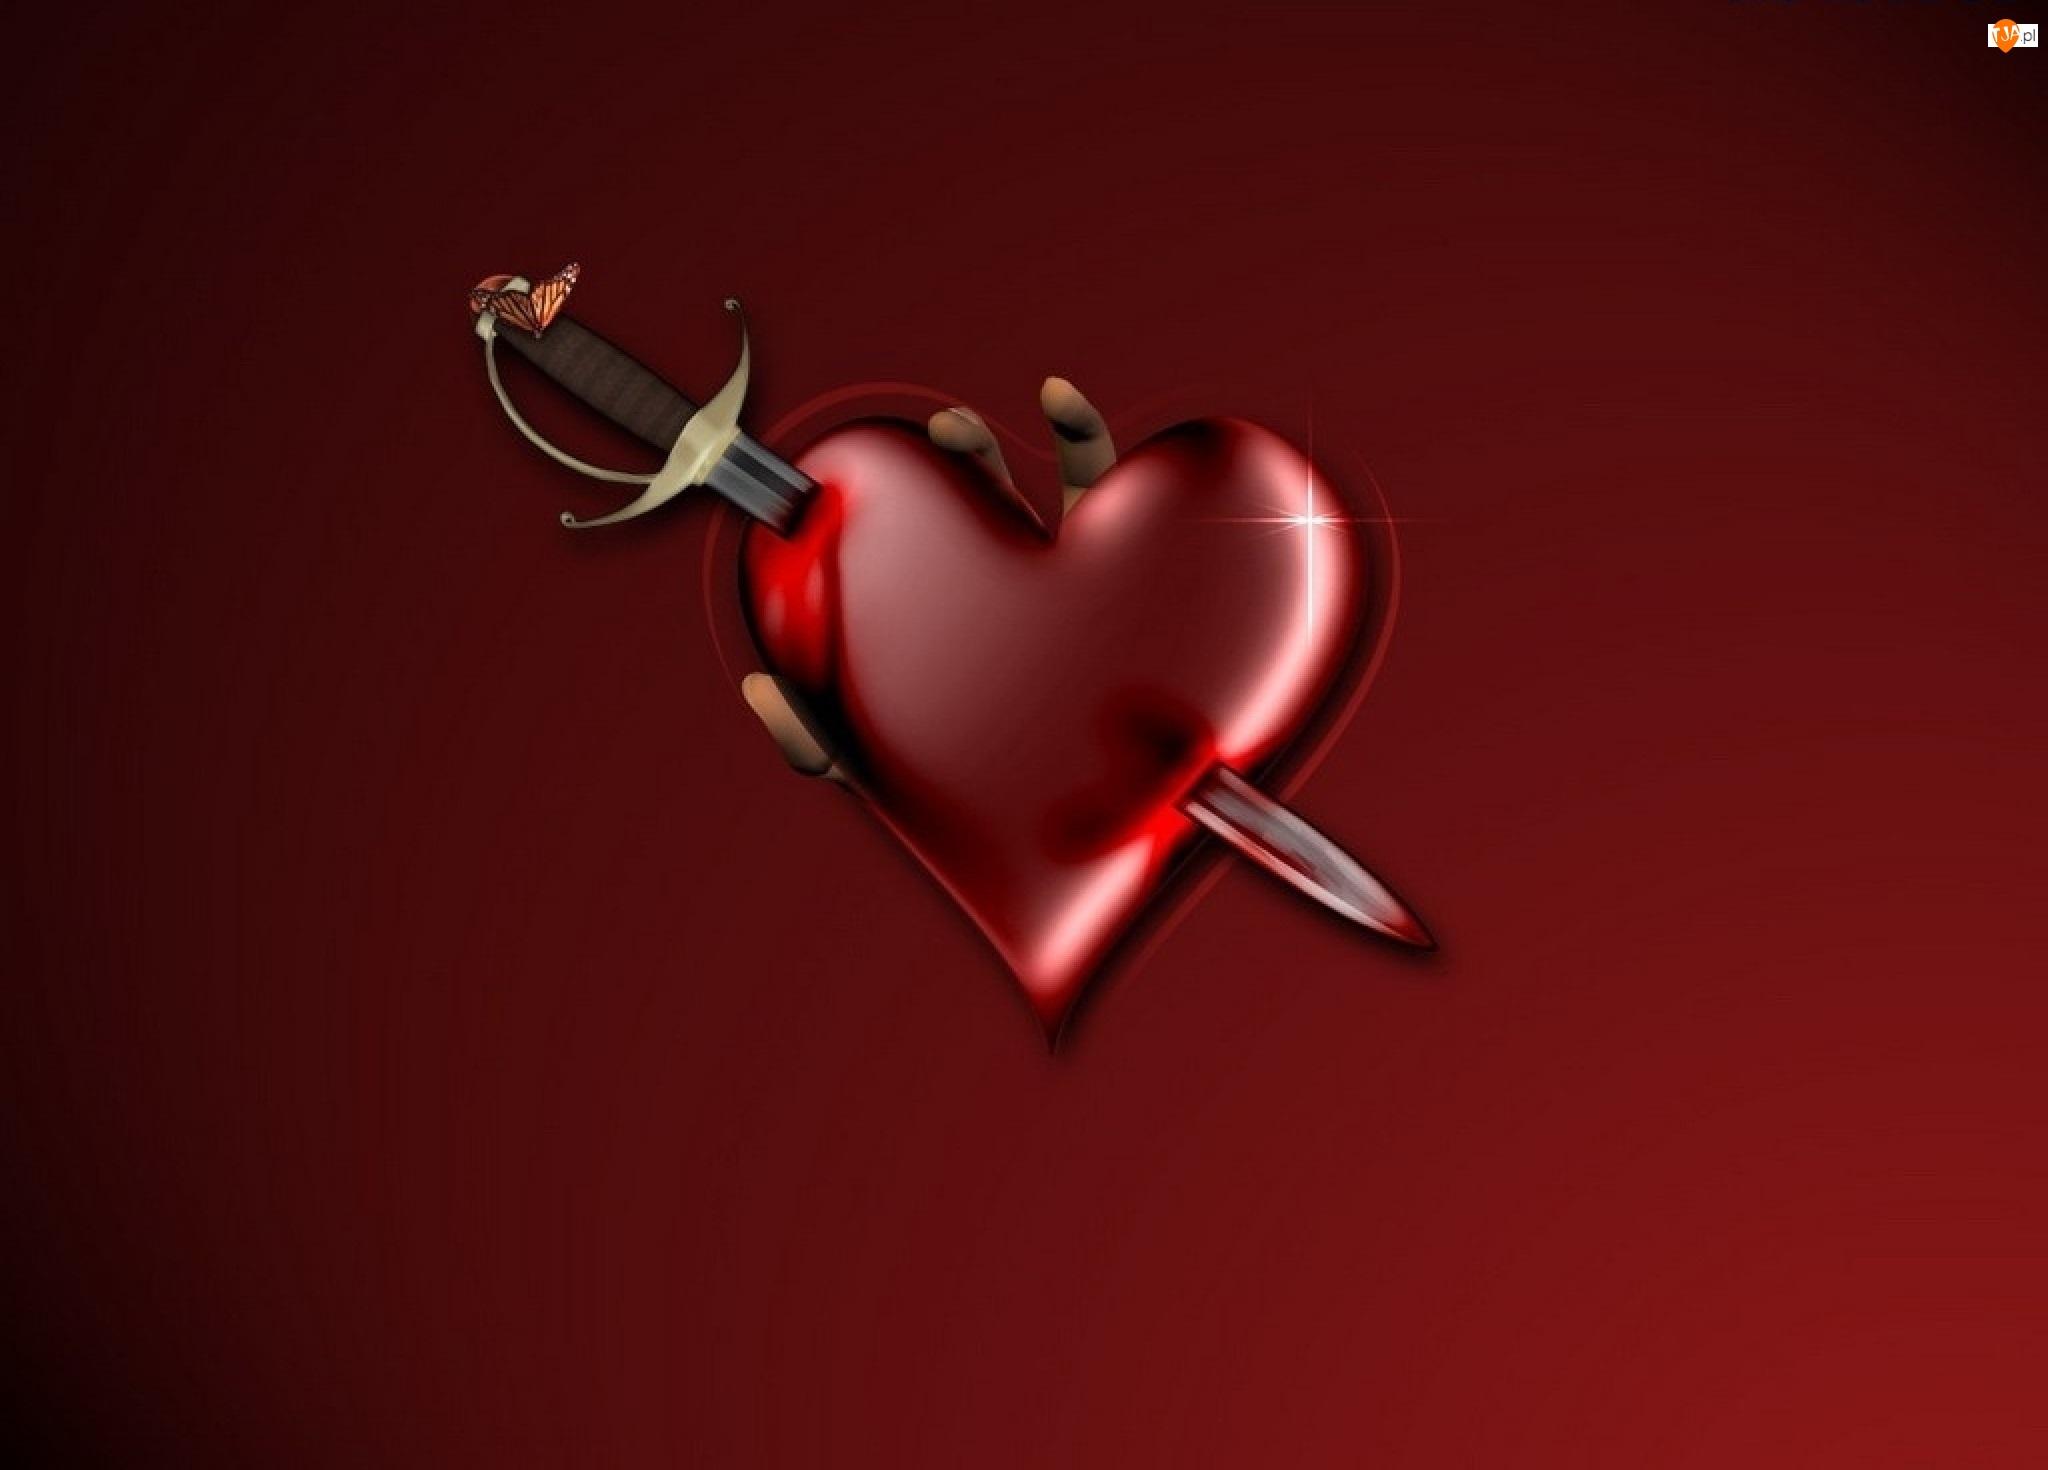 Mieczem, Serce, Przebite